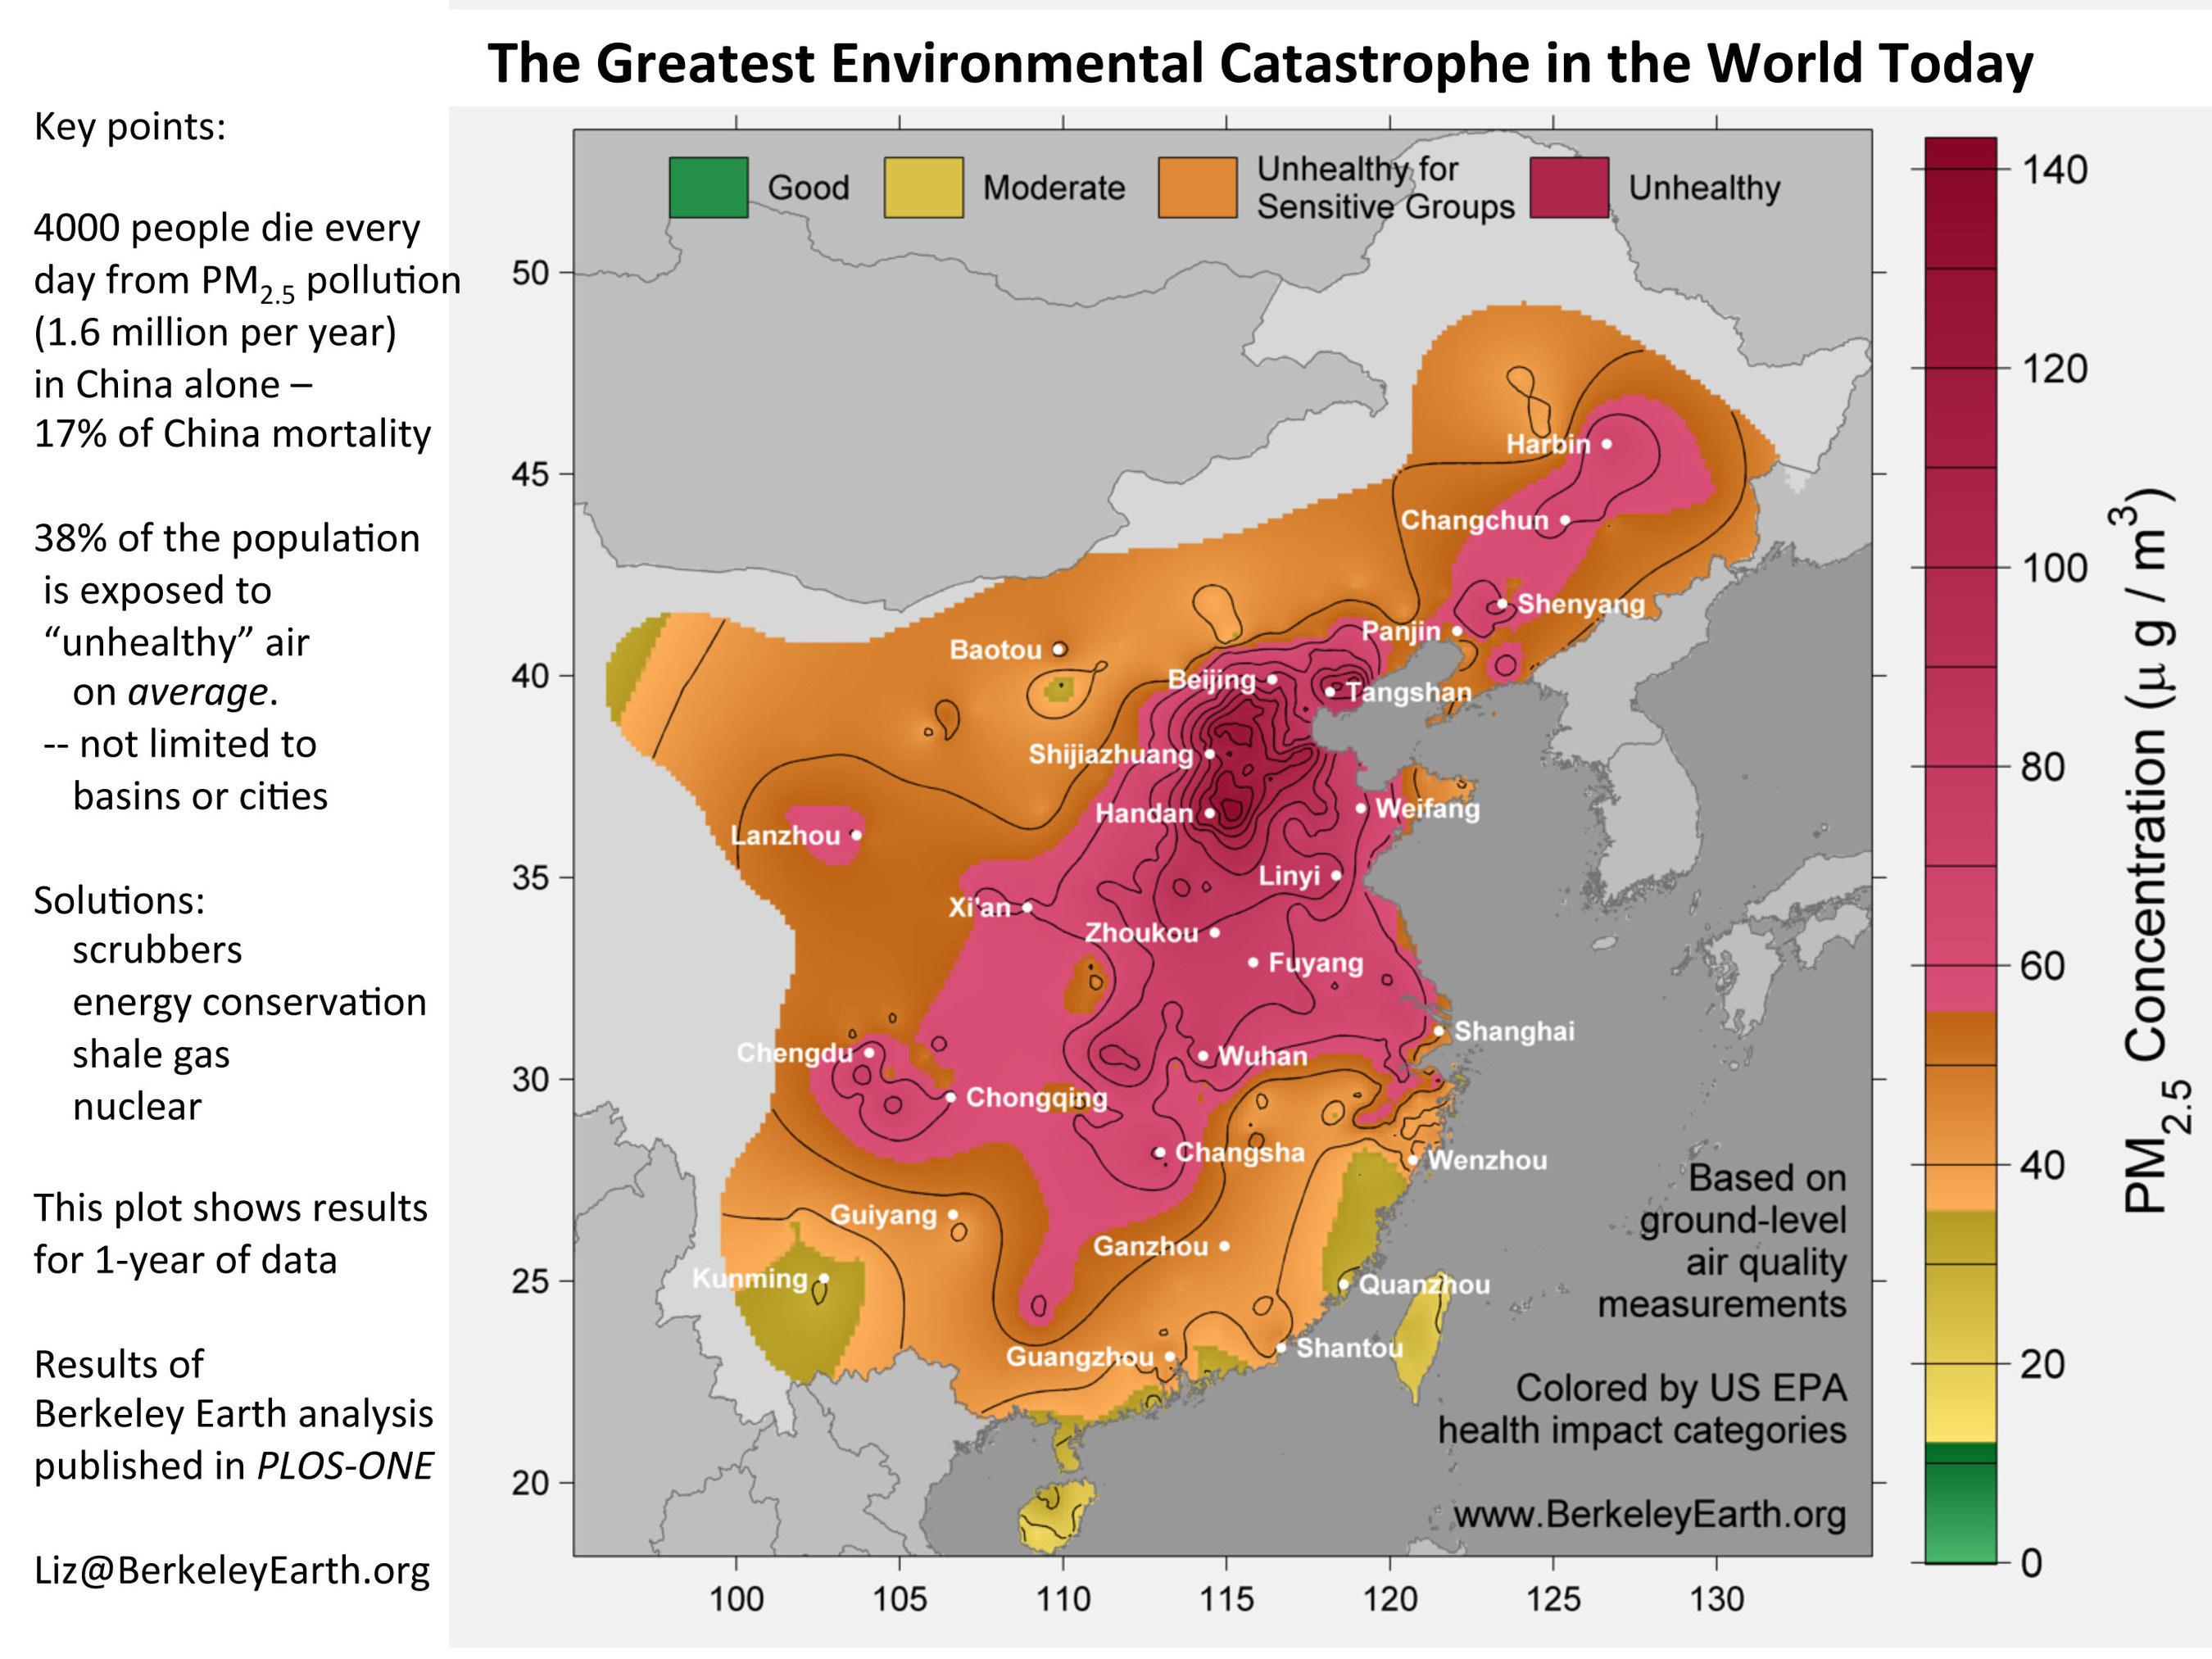 AIRE ASESINO: Berkeley Earth publica un estudio acerca de la contaminación del aire en China